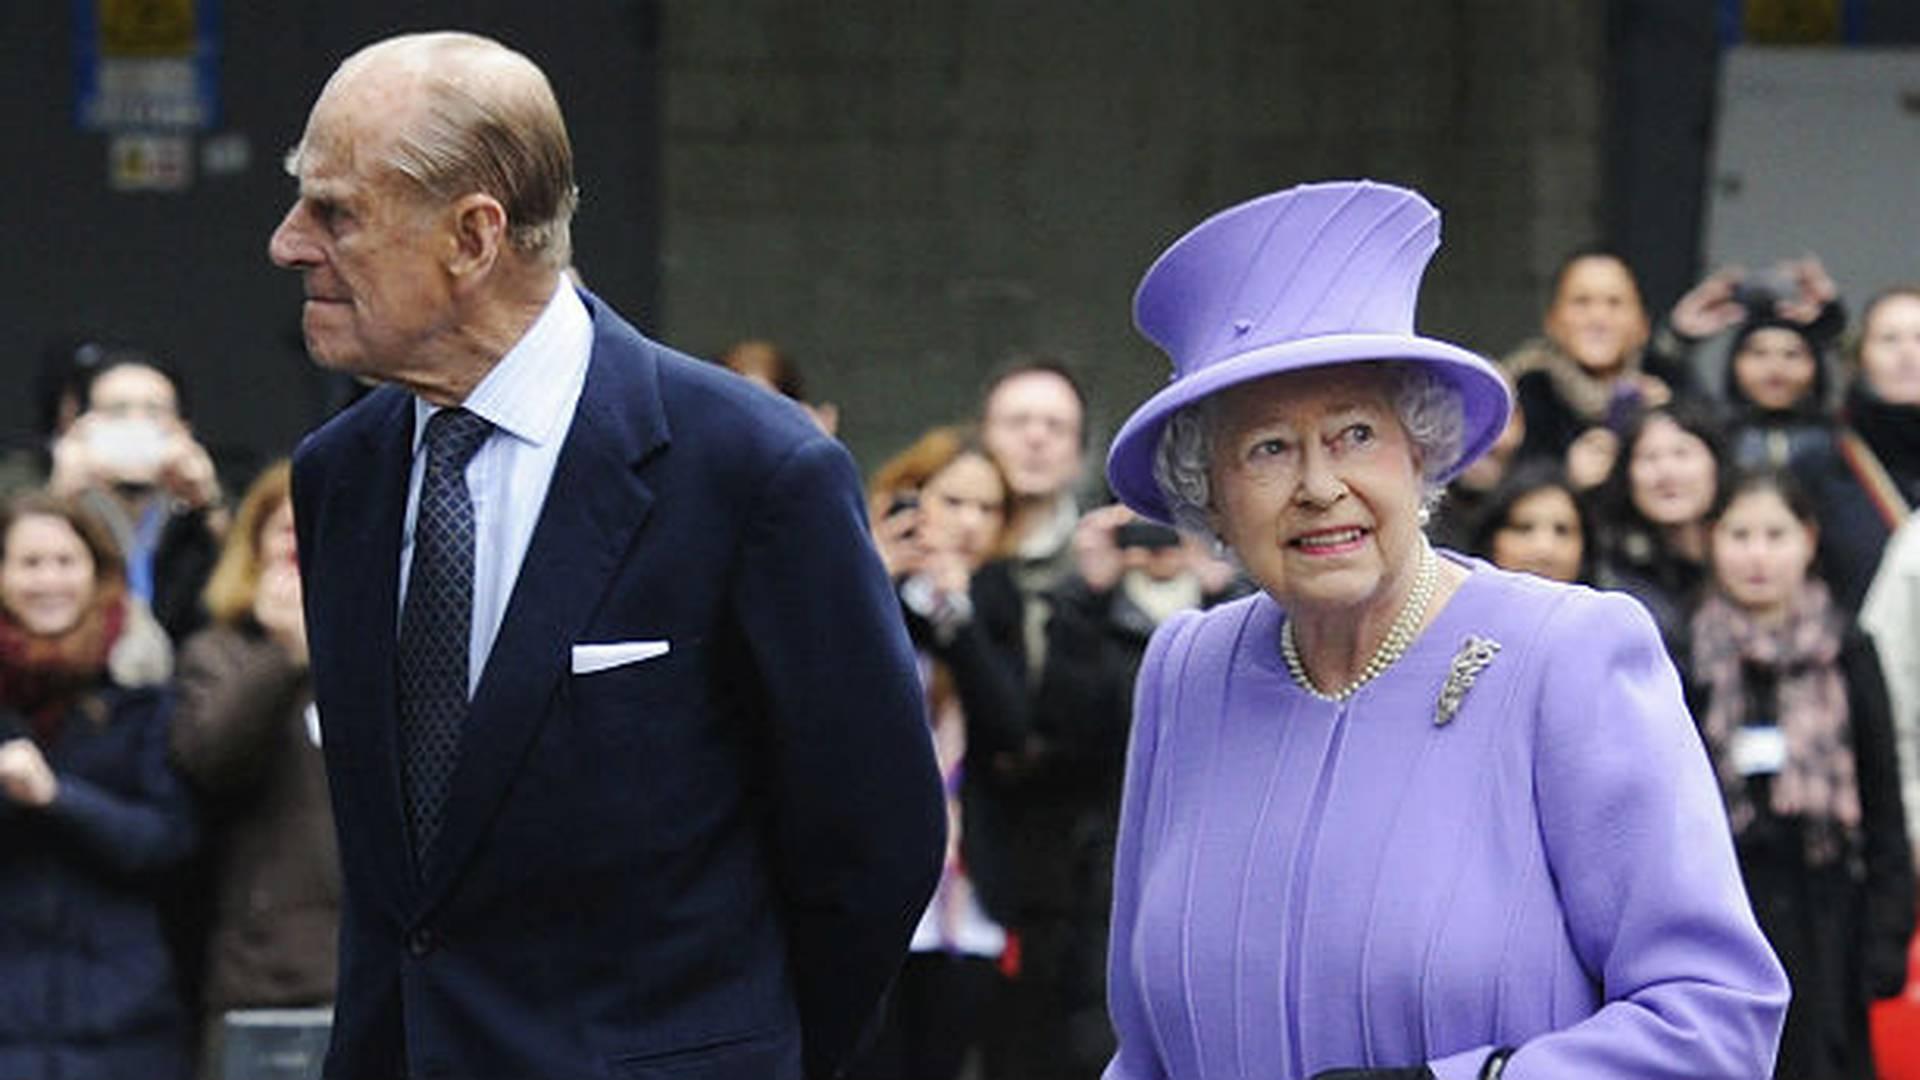 La Reina Isabel ll al lado de su esposo el Duque de Edimburgo.